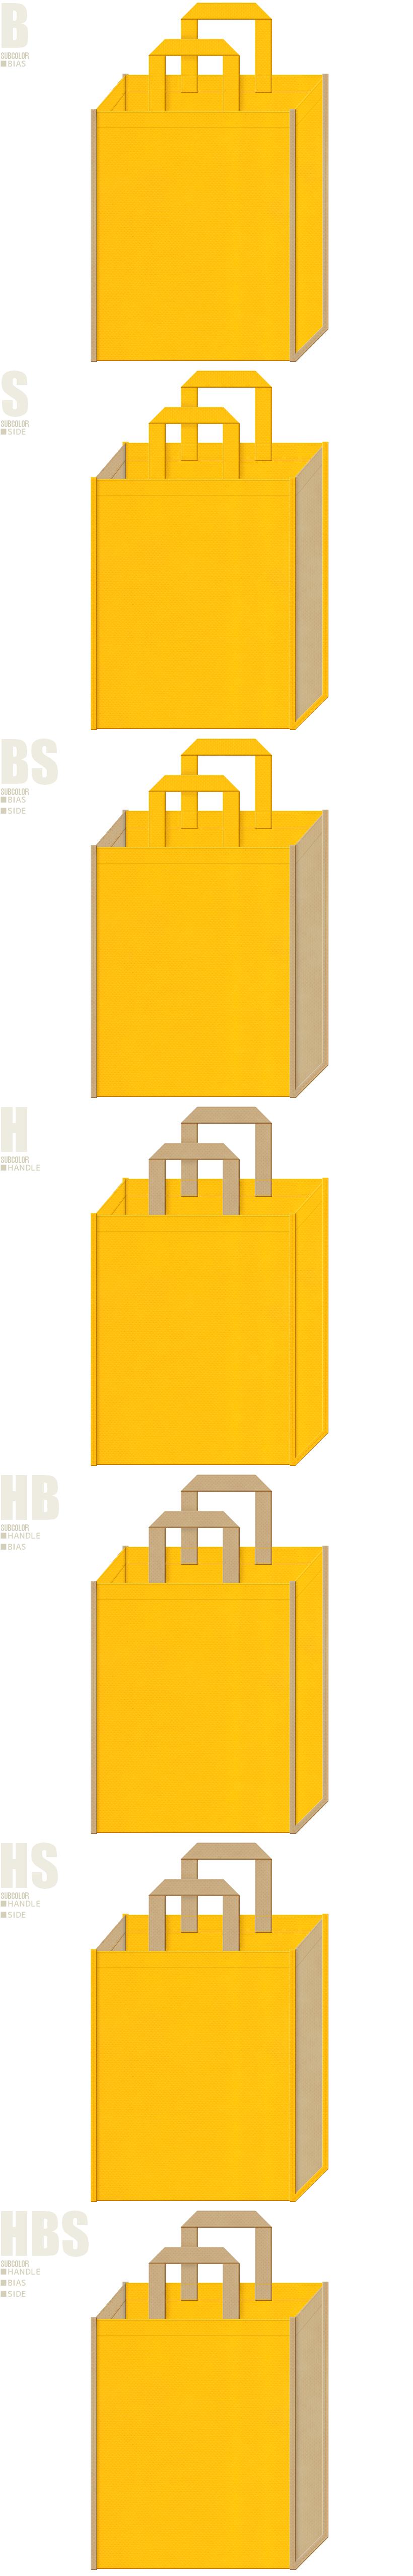 黄色とカーキ色:7パターンの不織布バッグ配色デザイン。